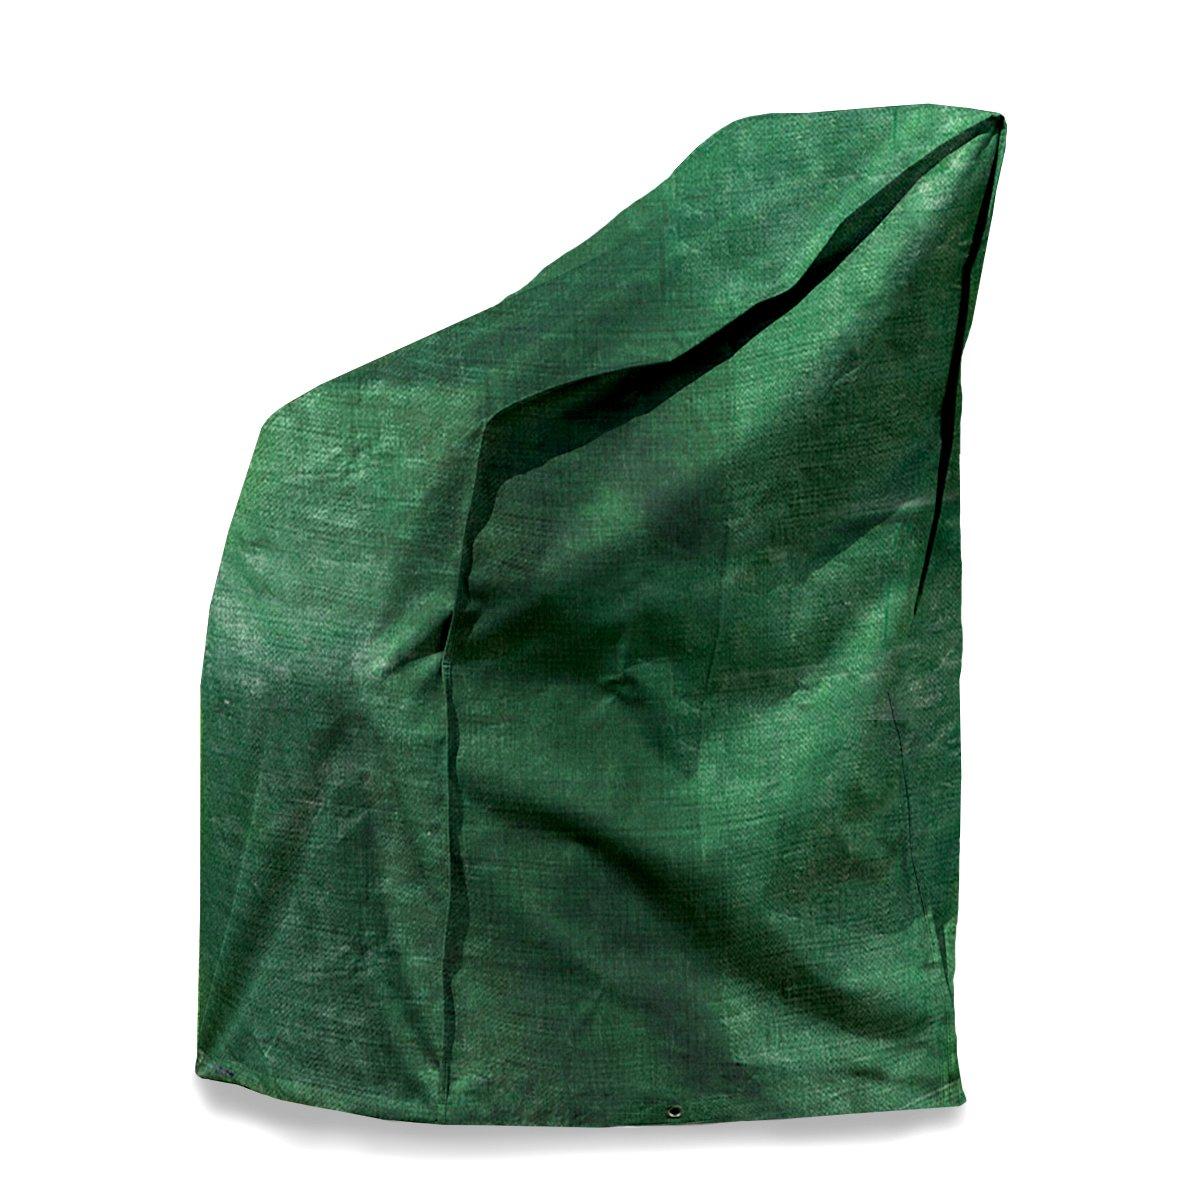 Schutzhülle für Gartenstühle (Stapelstühle) | schnelltrocknend | 66x66x110/150cm online kaufen